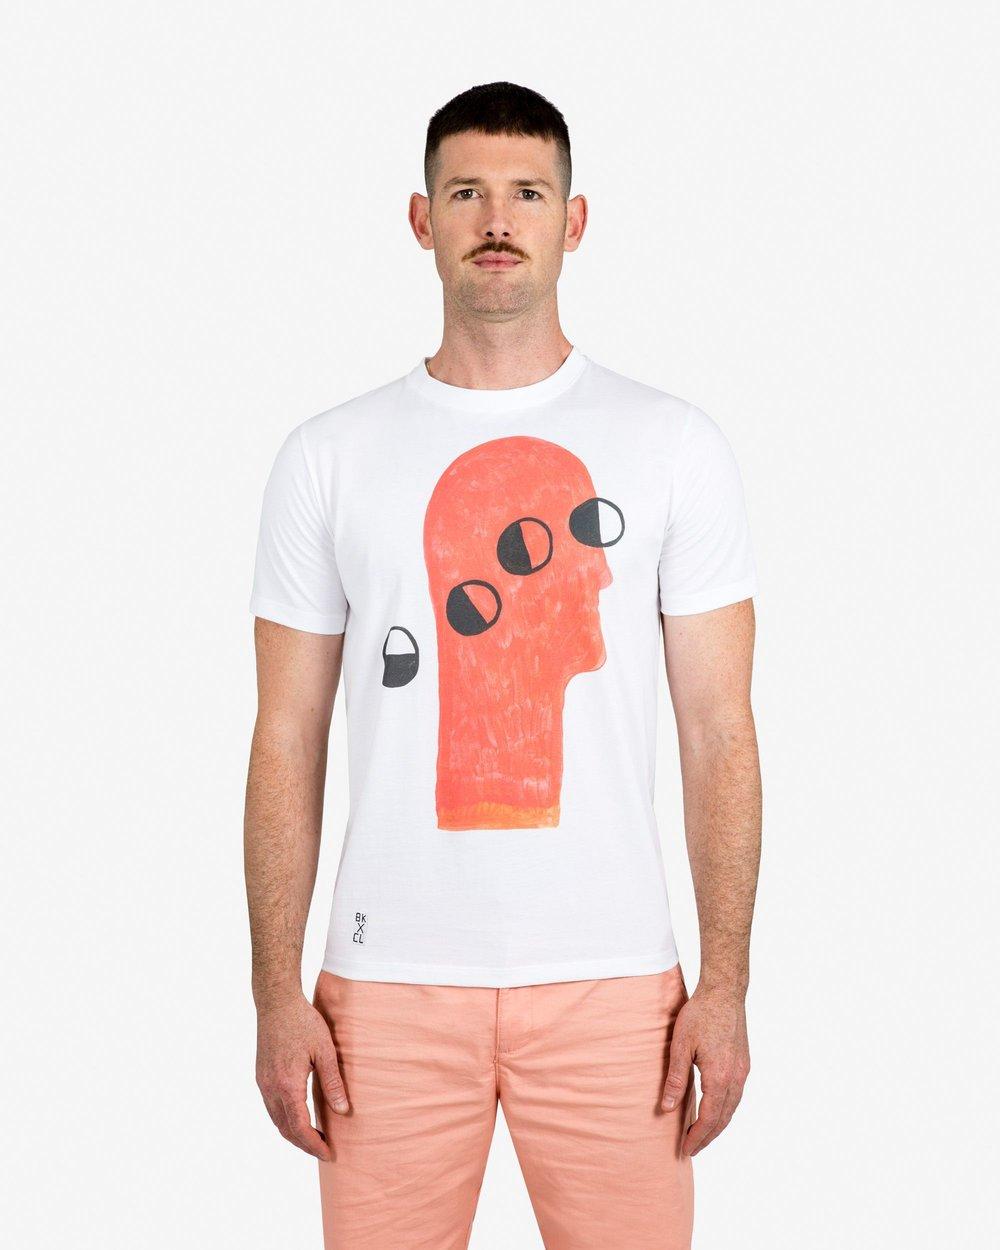 lacroix_30_ans_cl_x_bk_men_teeshirt_head_2.jpg